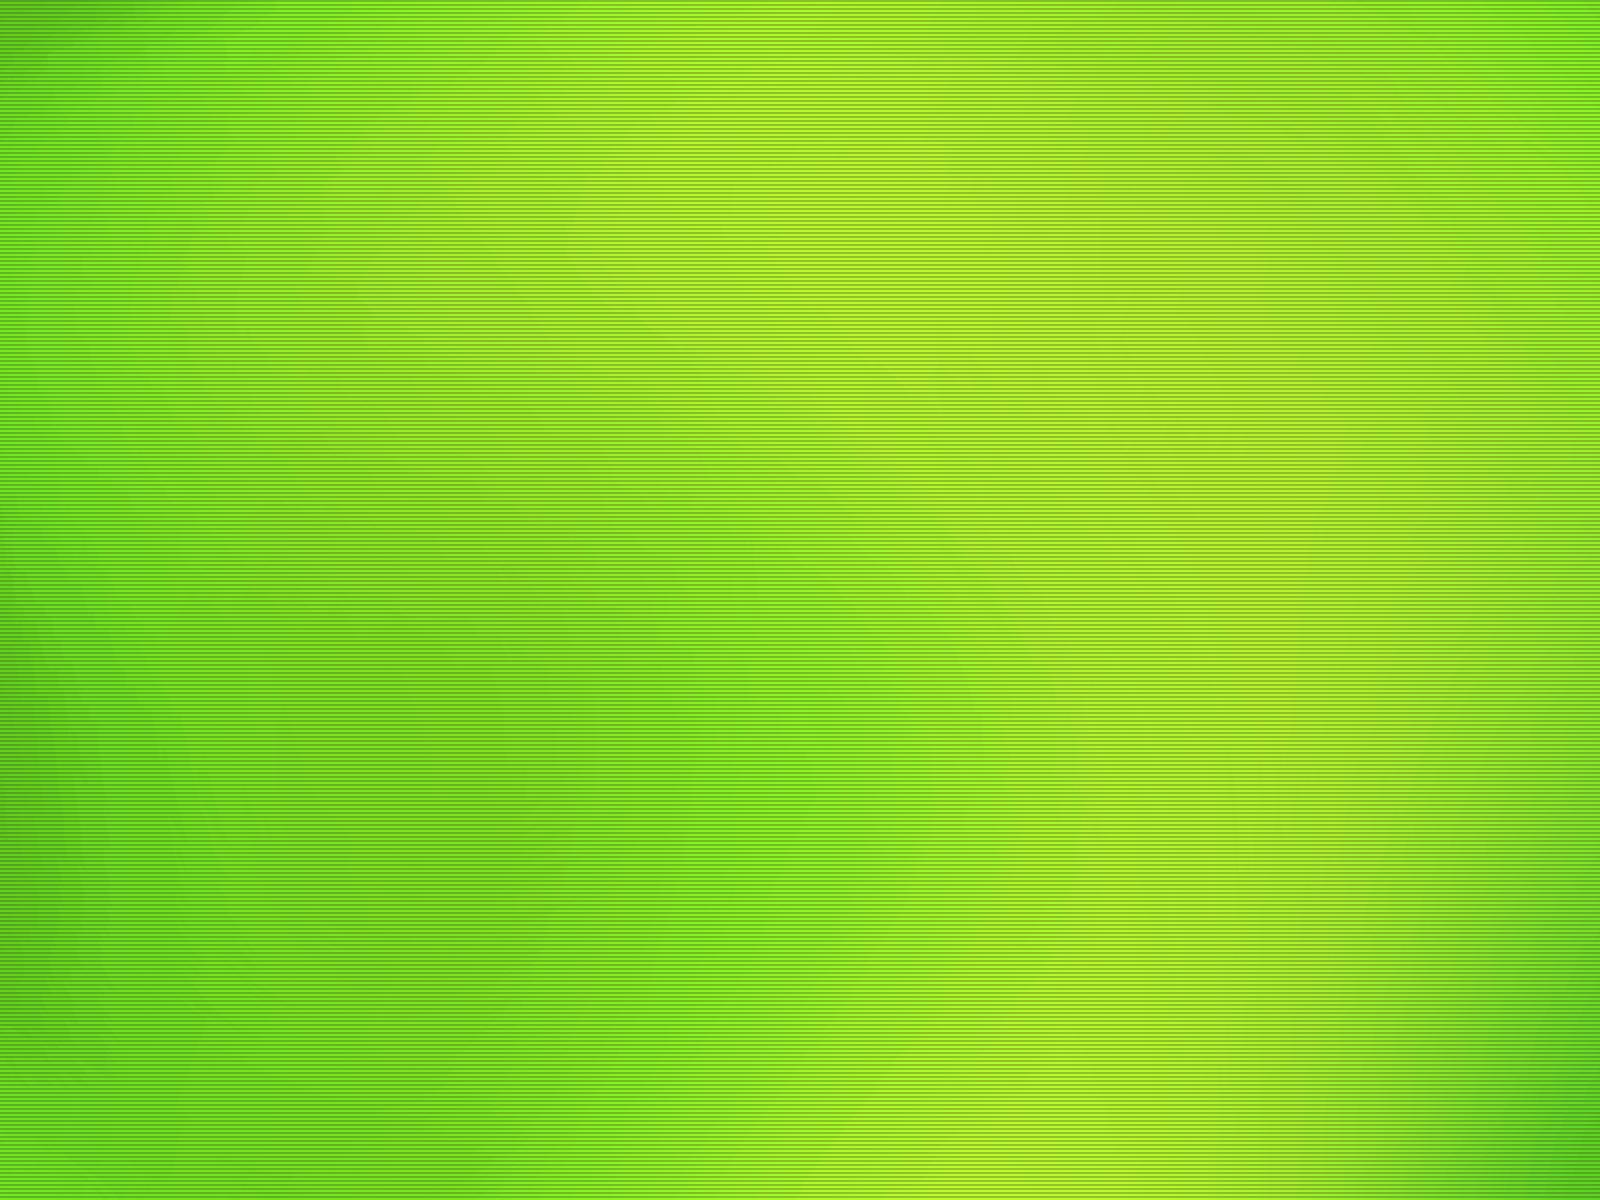 light green iphone wallpaper - photo #29